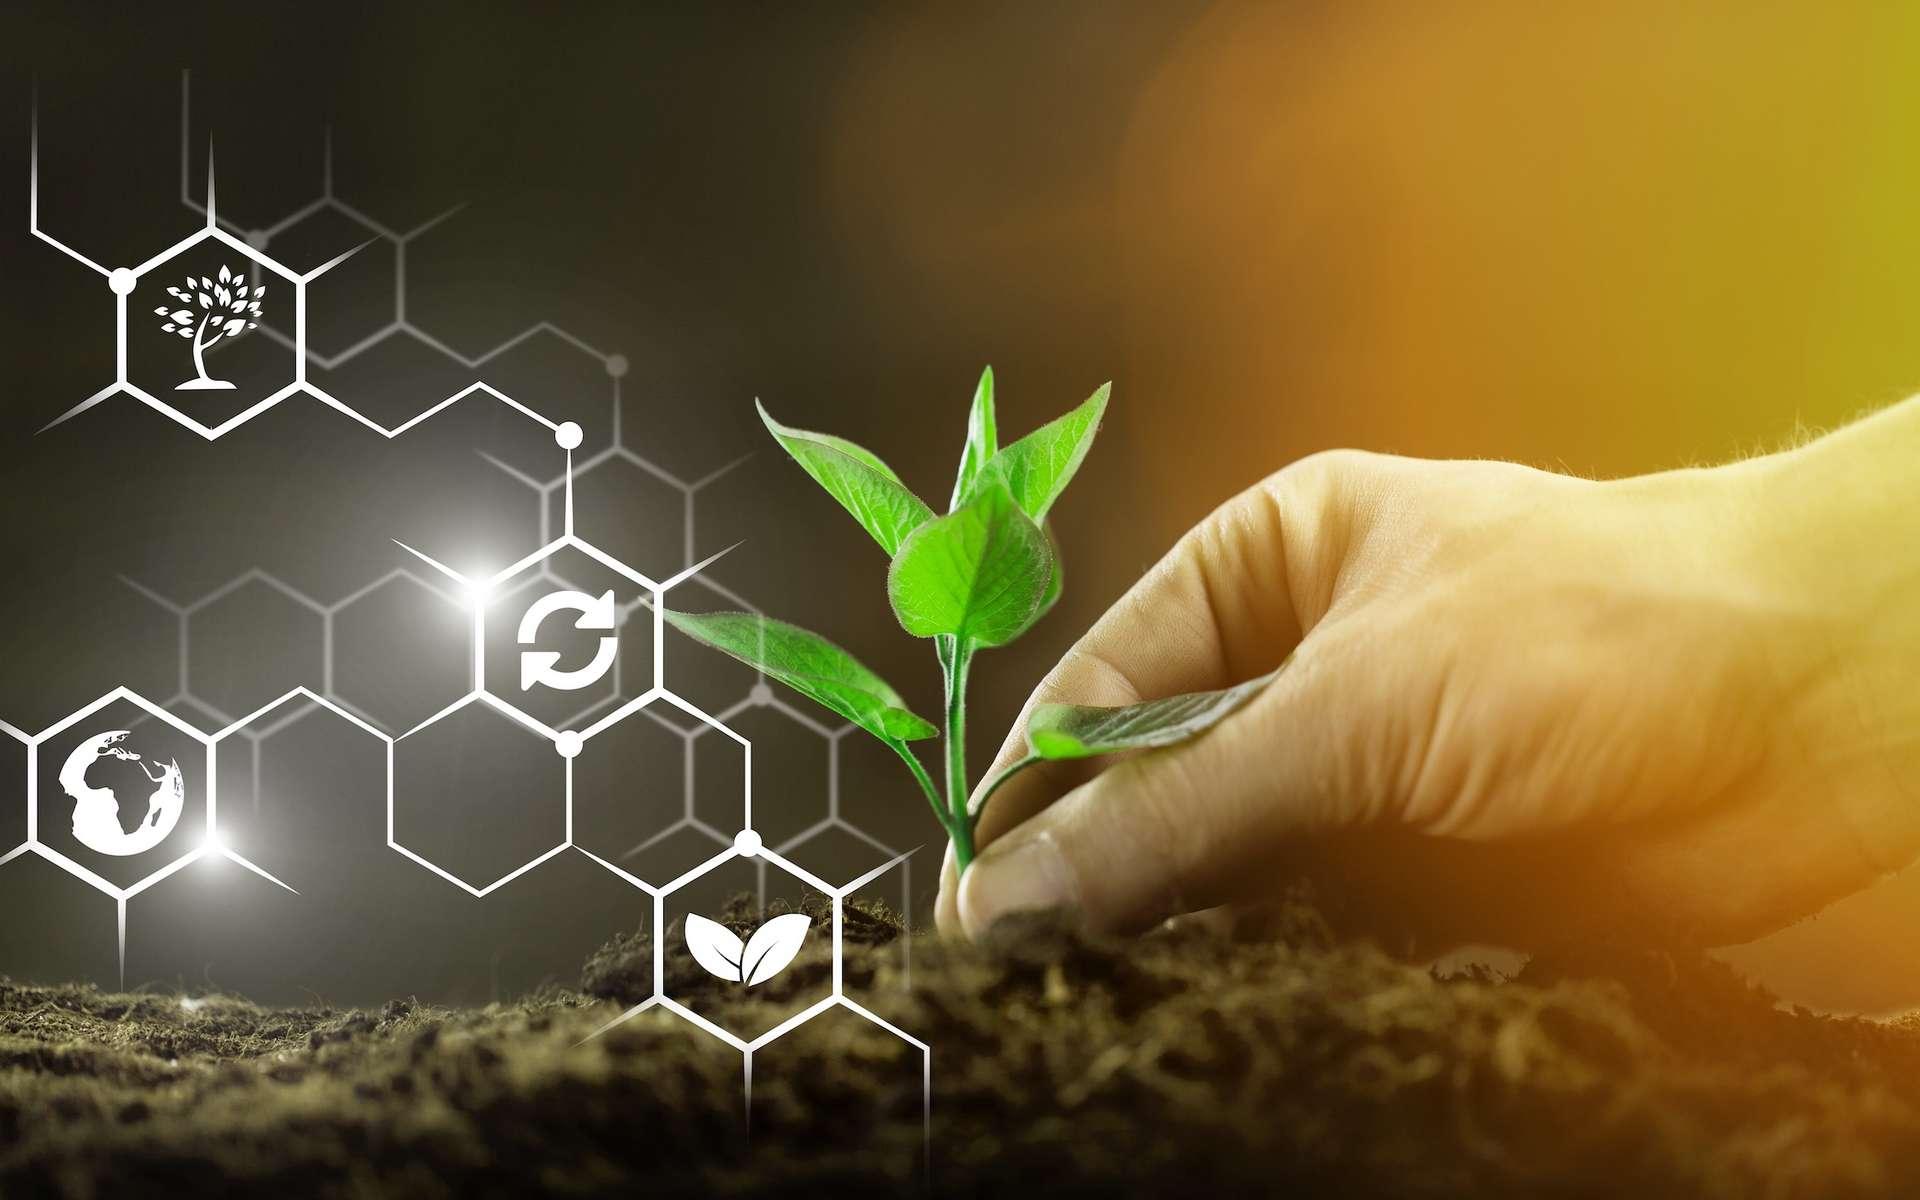 Environnement, santé, réduction de la pollution…, les avantages des OGM. © BillionPhotos.com, Adobe Stock